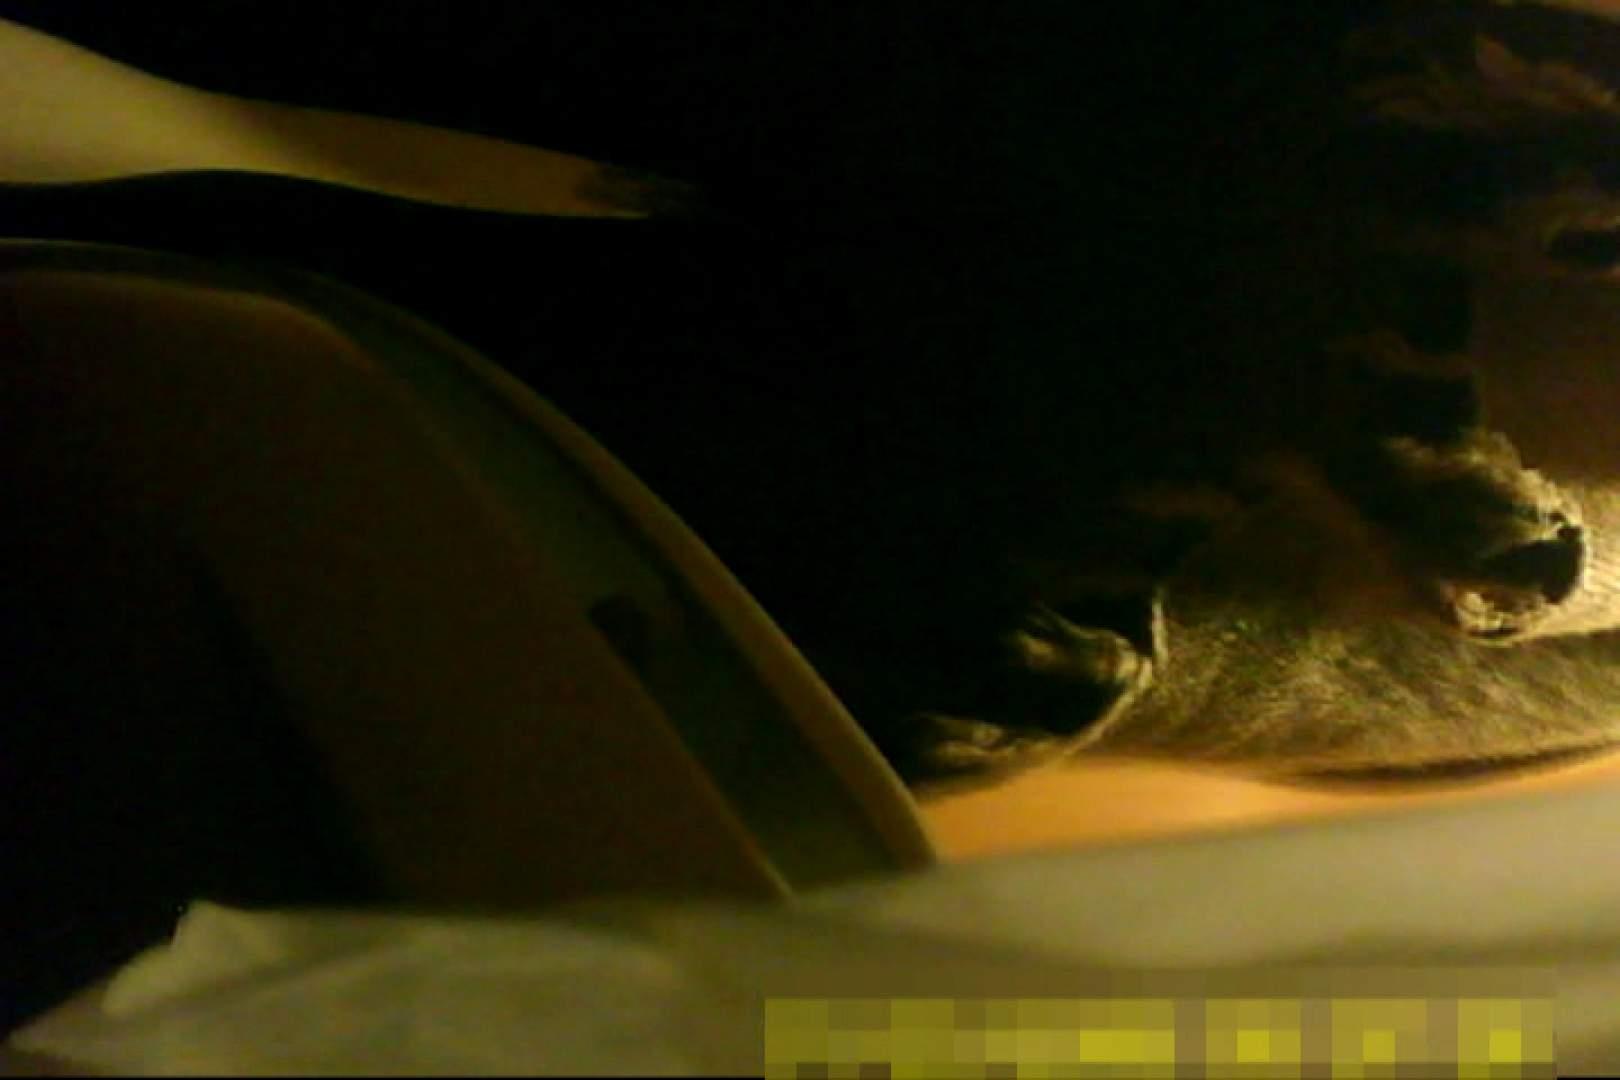 魅惑の化粧室~禁断のプライベート空間~vol.8 エッチな熟女  103pic 64